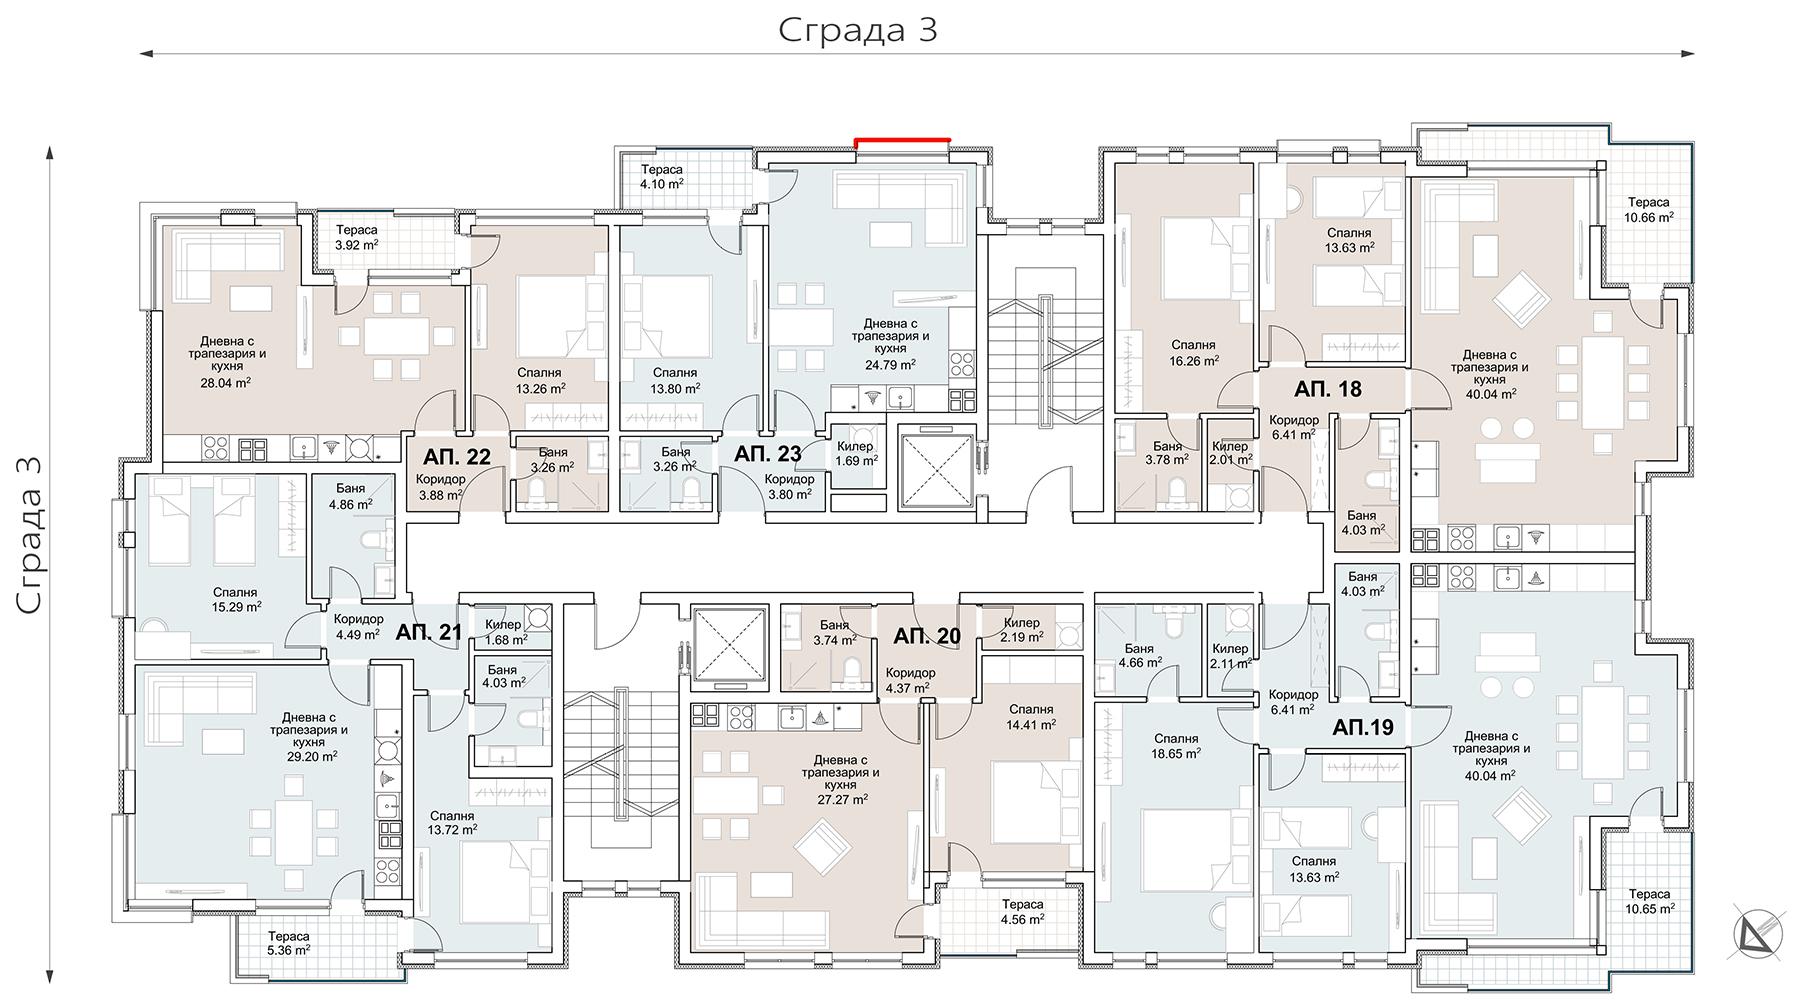 Сграда 3, вход АБ, ет. 4